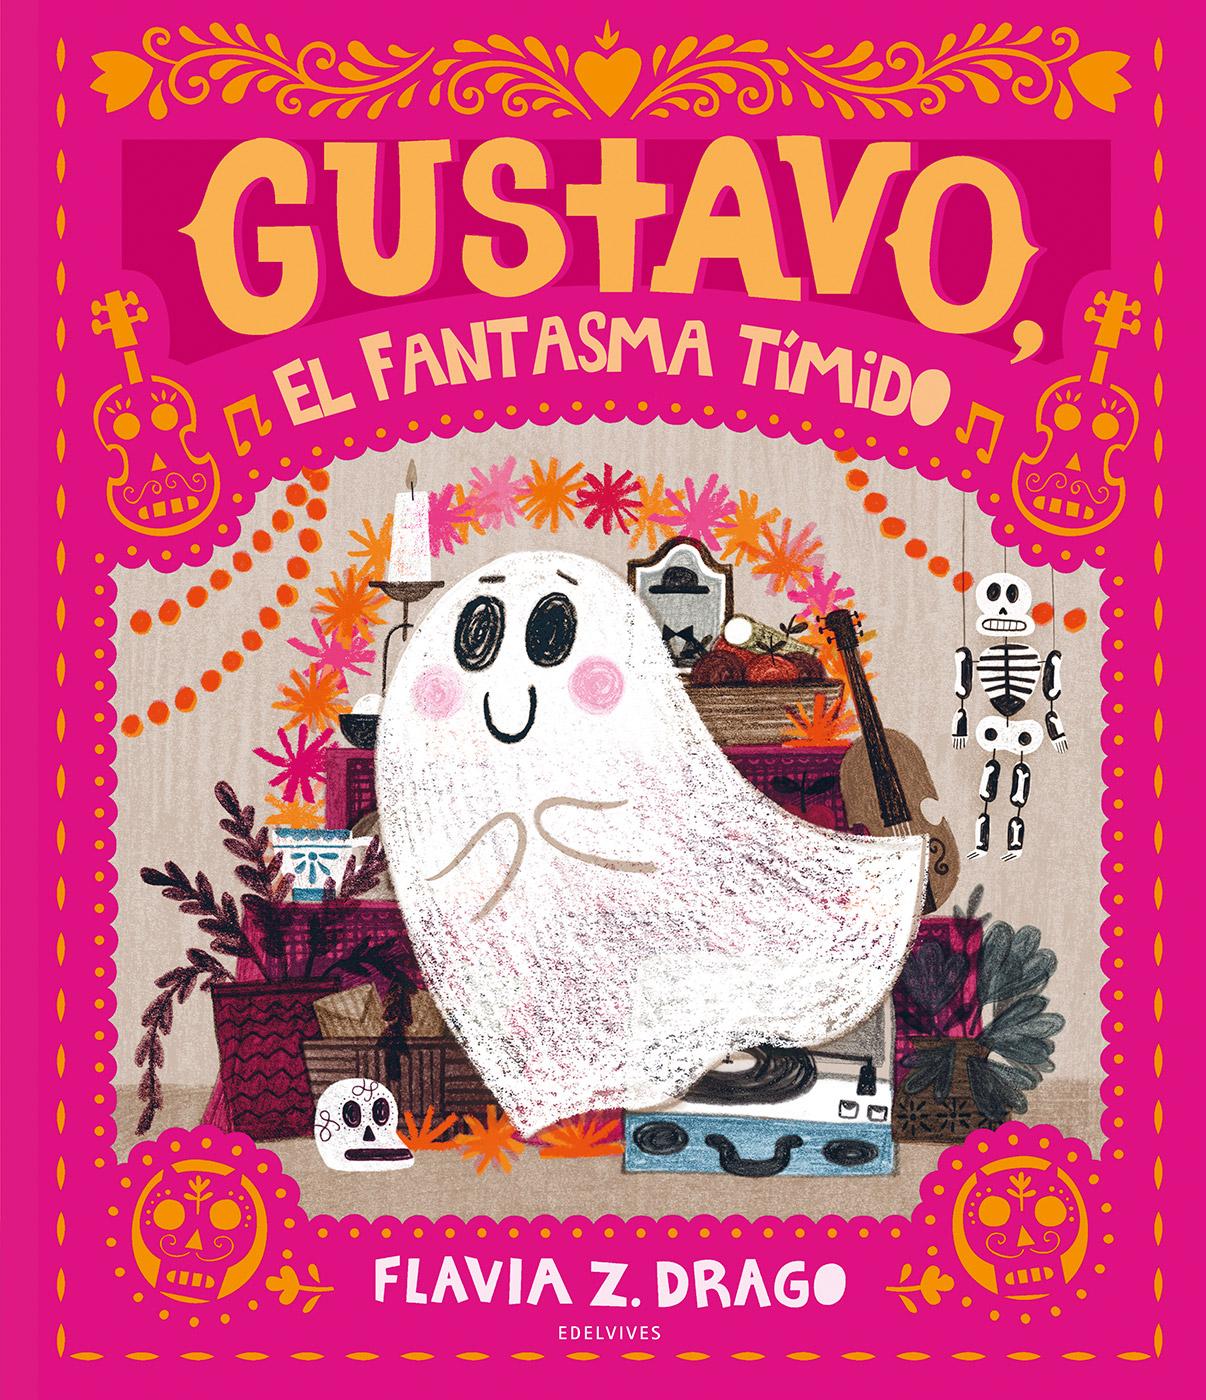 Gustavo, el fantasma tímido - Edelvives